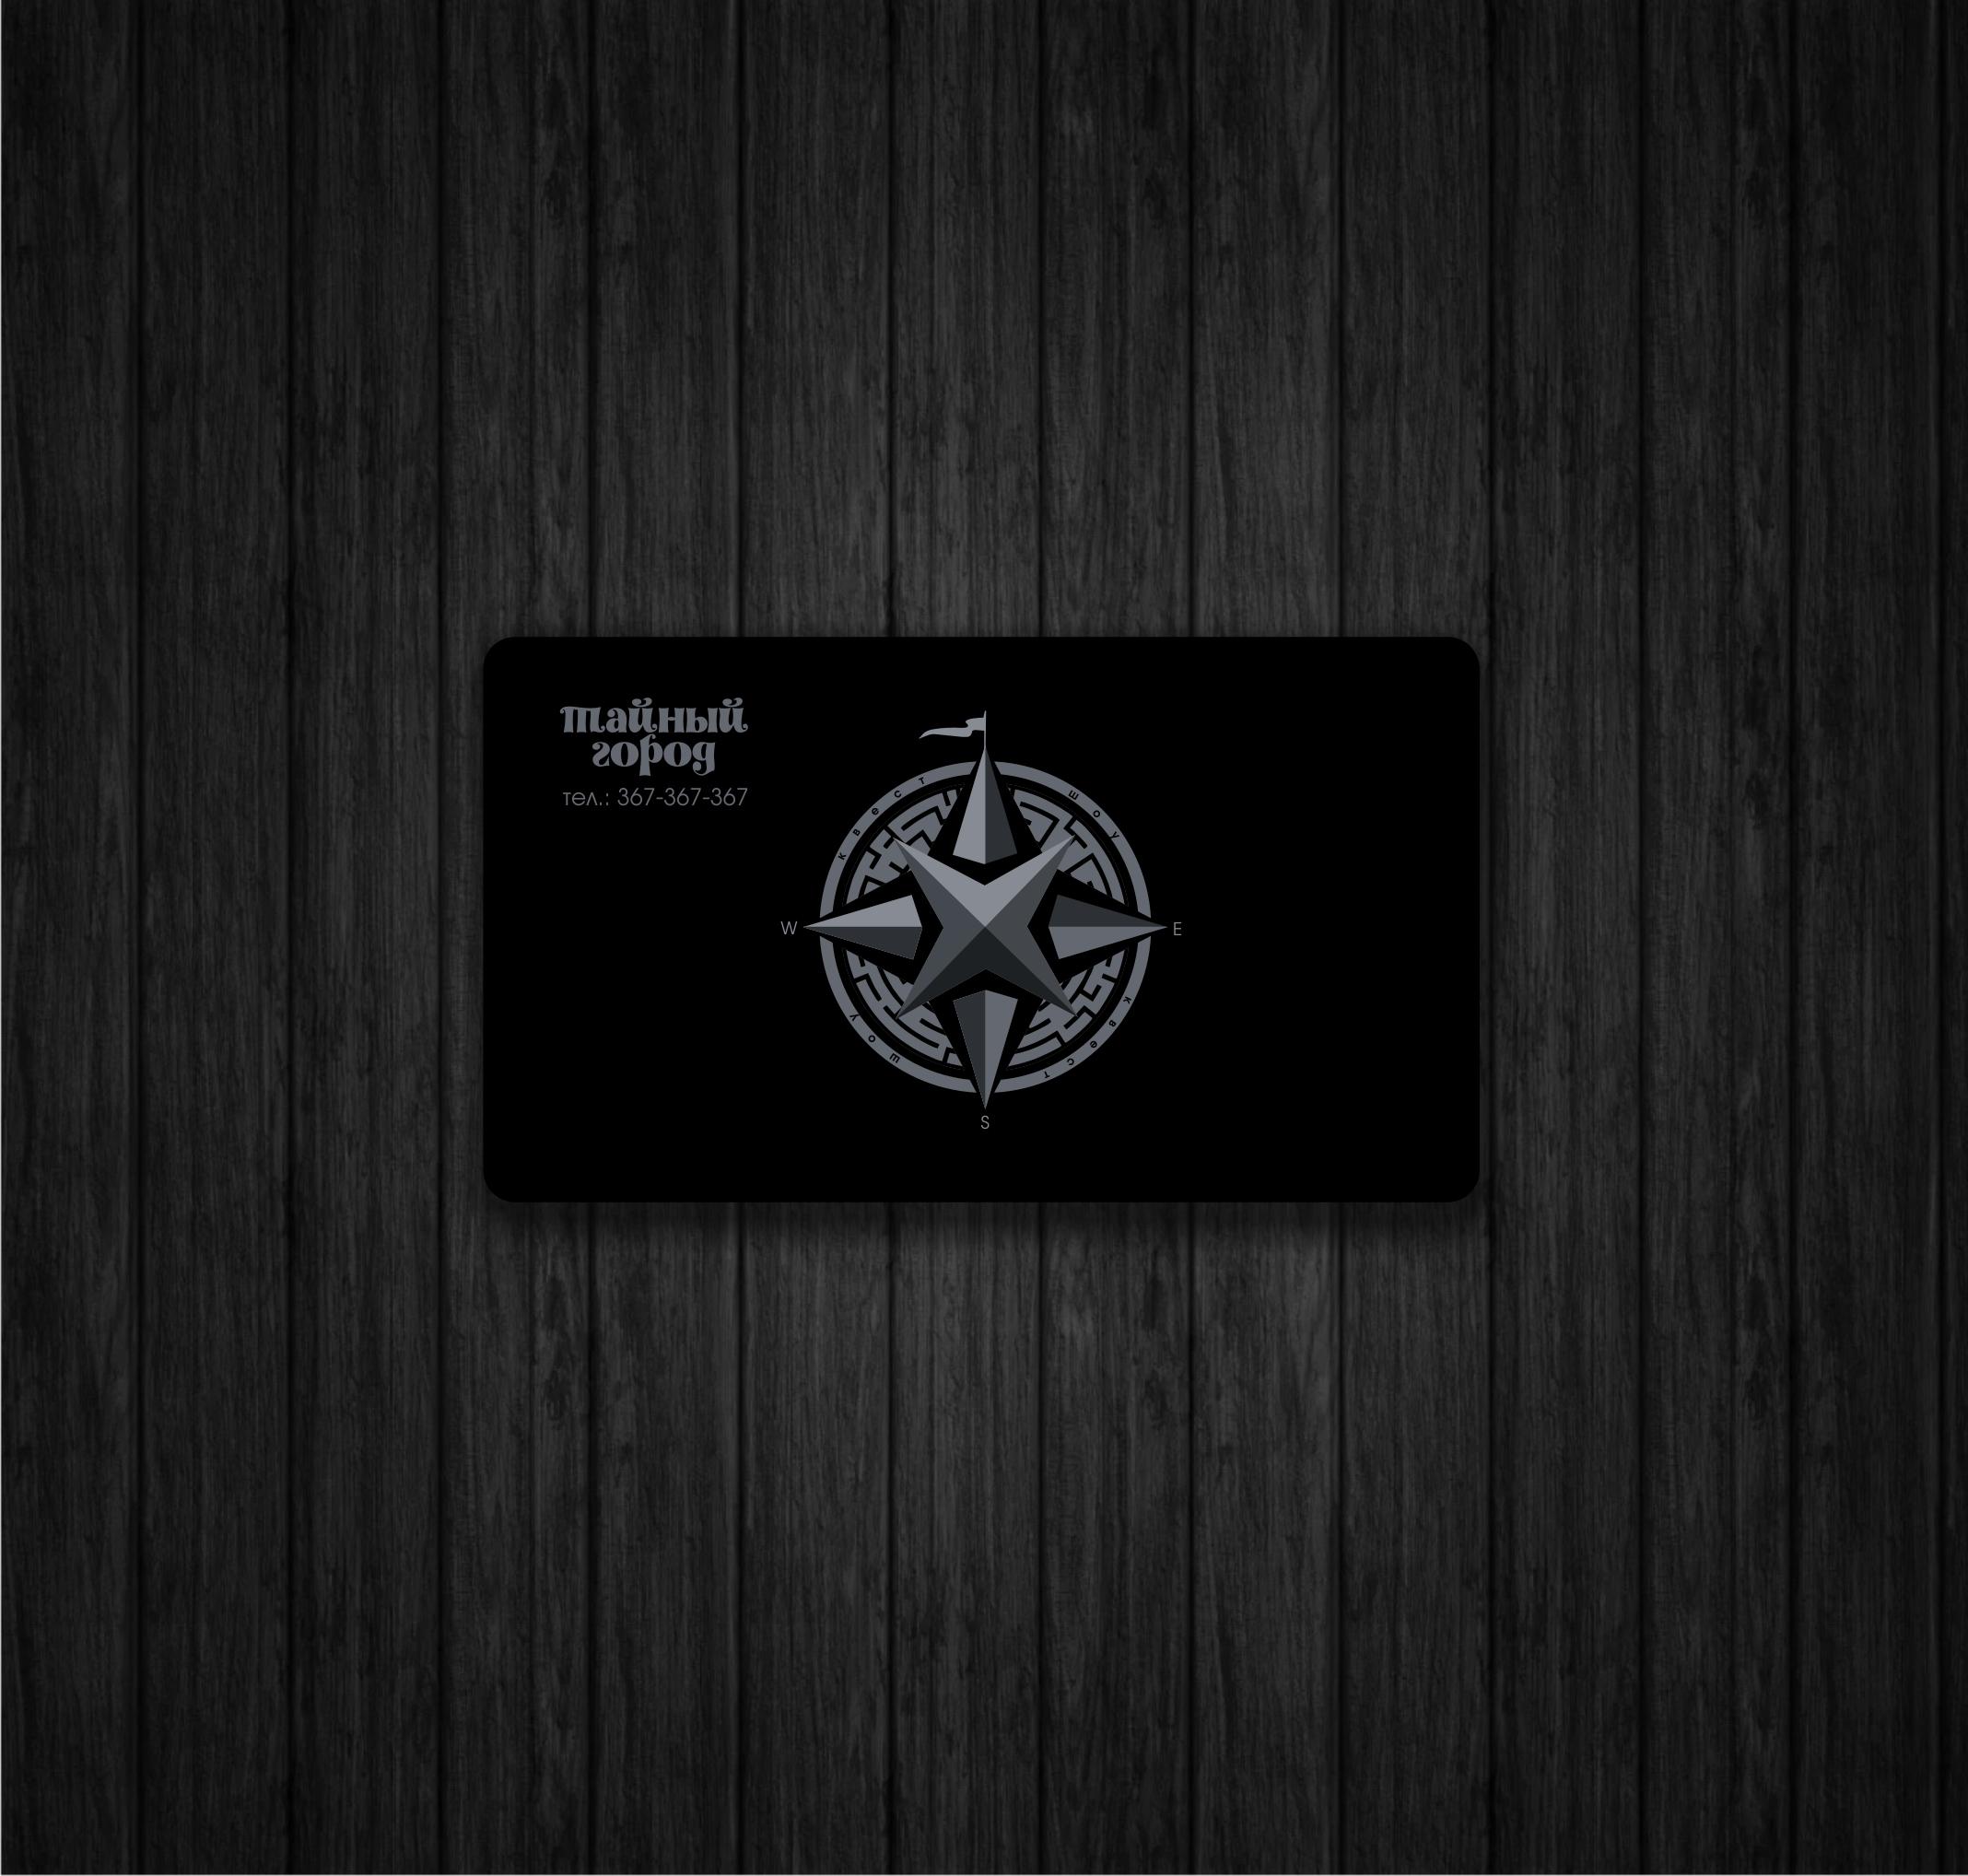 Разработка логотипа и шрифтов для Квеста  фото f_8145b43546306a0b.jpg